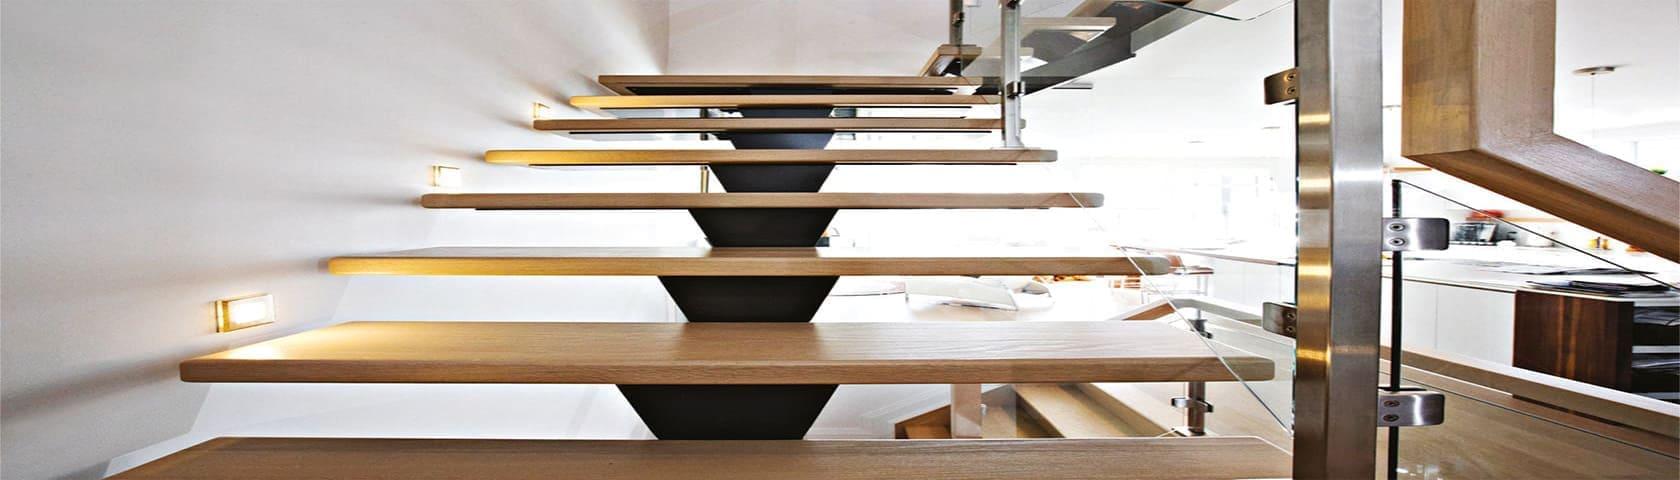 металлический каркас для лестници на второй этаж